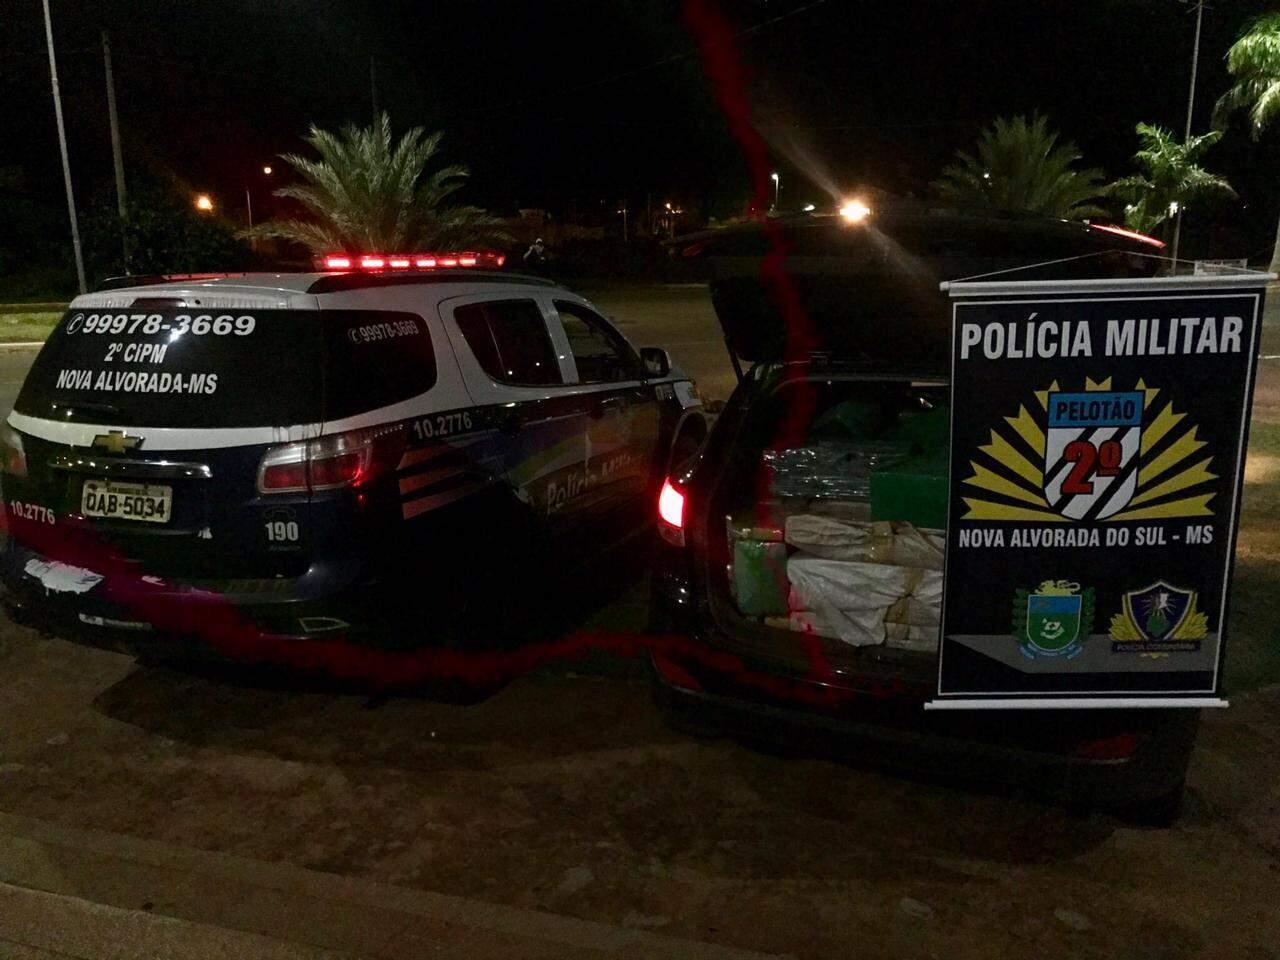 Carro lotado de maconha e skunk ao lado da viatura da polícia (Foto: Divulgação/PM)